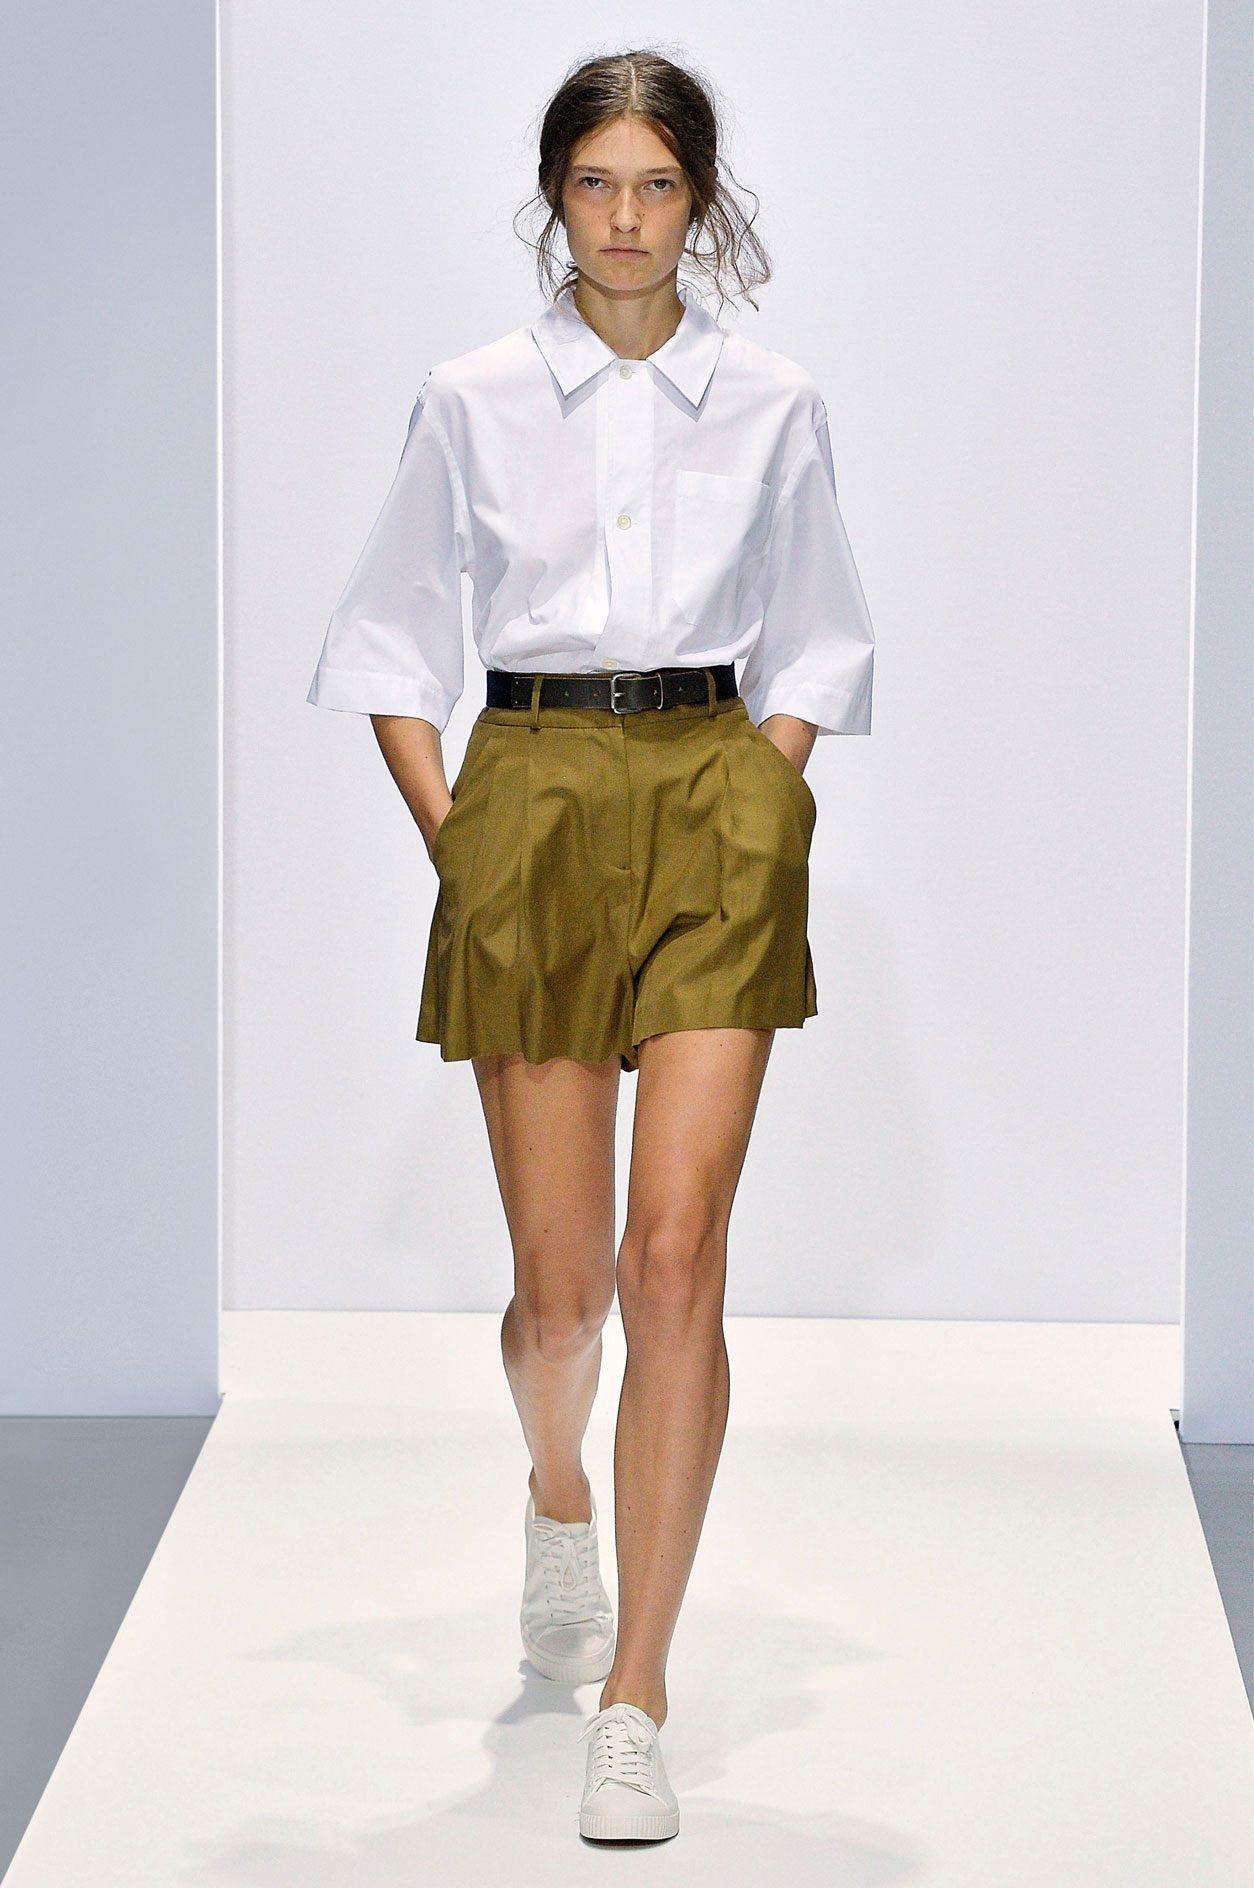 a568127dcce40 Hermès سروال قصير سراويل واسعة شورت شورتات صيفية اخر صيحات الموضة ربيع 2019  Margareth Howell مارغاريث هويل